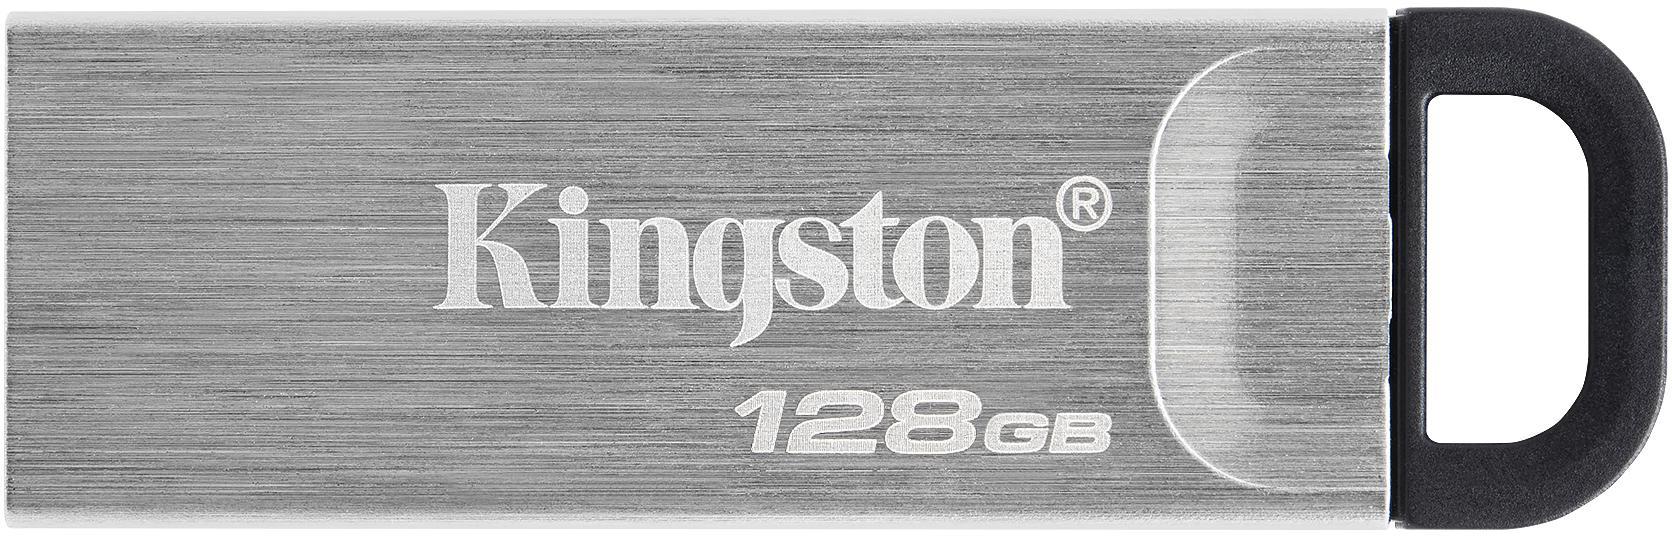 Pamięć flash USB DataTraveler Kyson w stylowej metalowej obudowie bez zatyczki